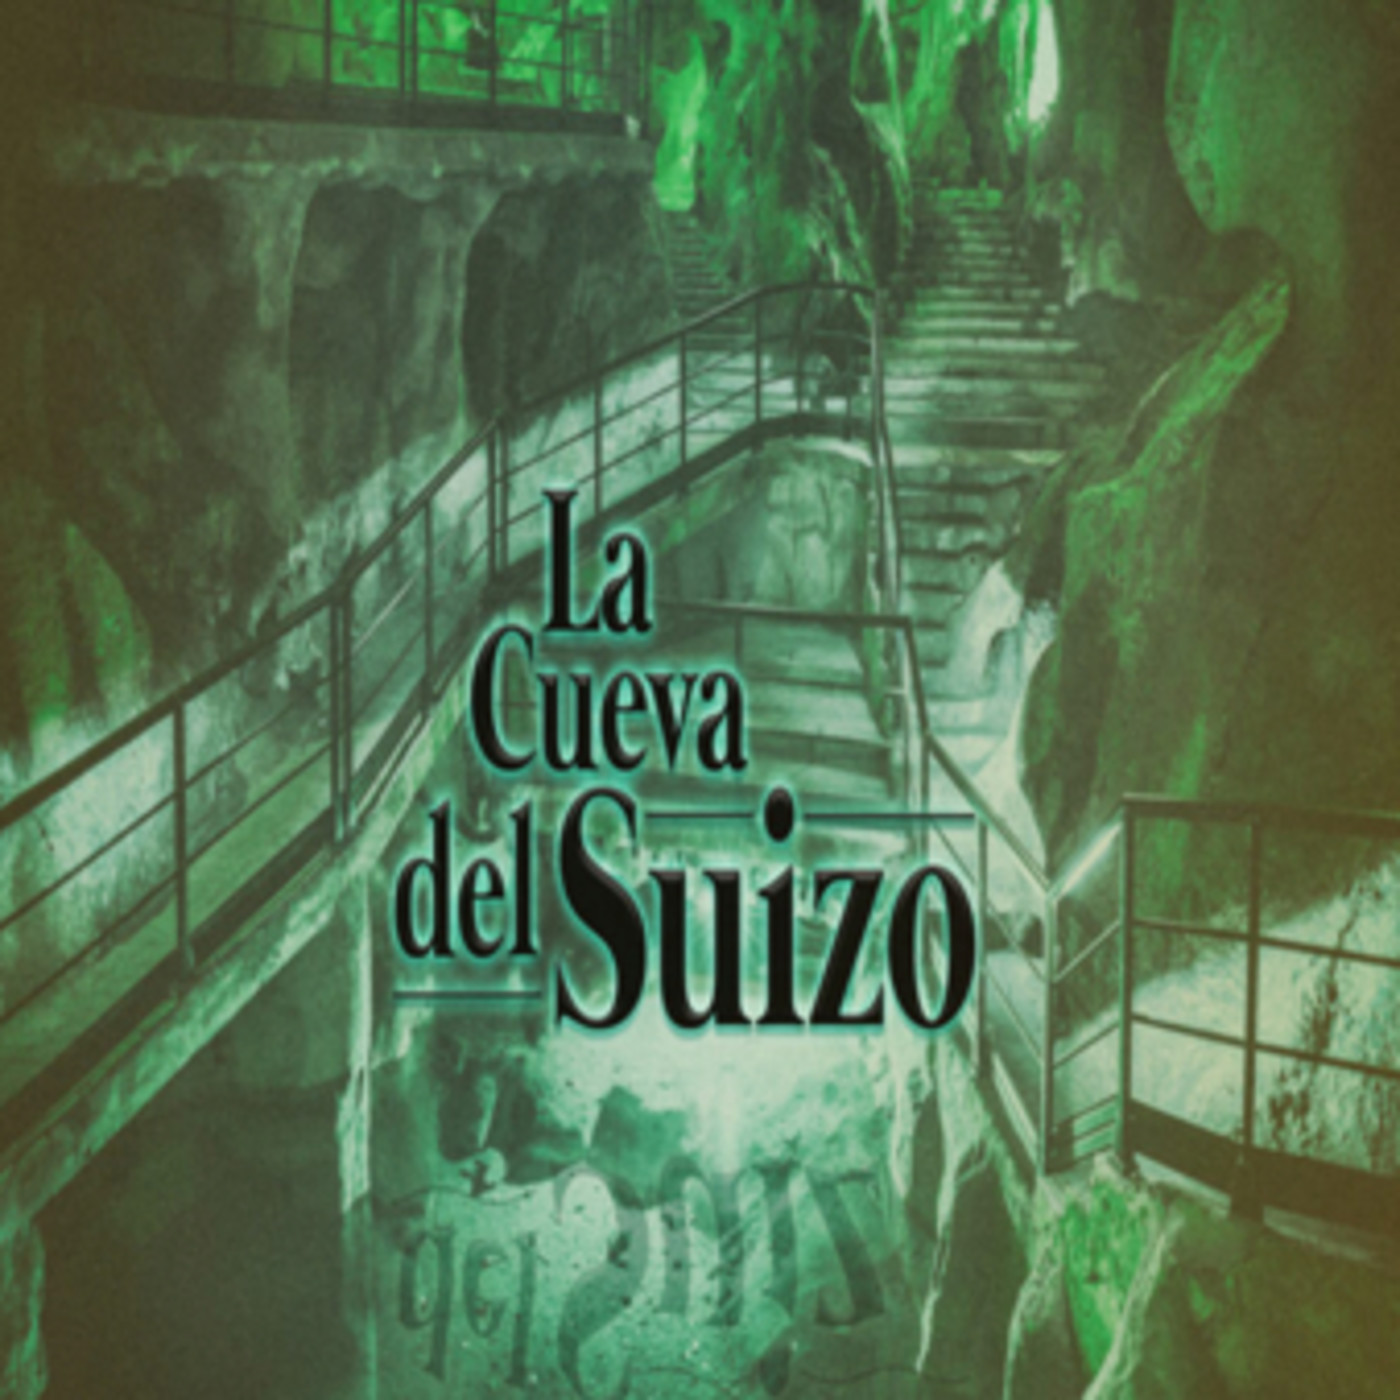 Cuarto milenio: La Cueva del Suizo en Cuarto Milenio ...